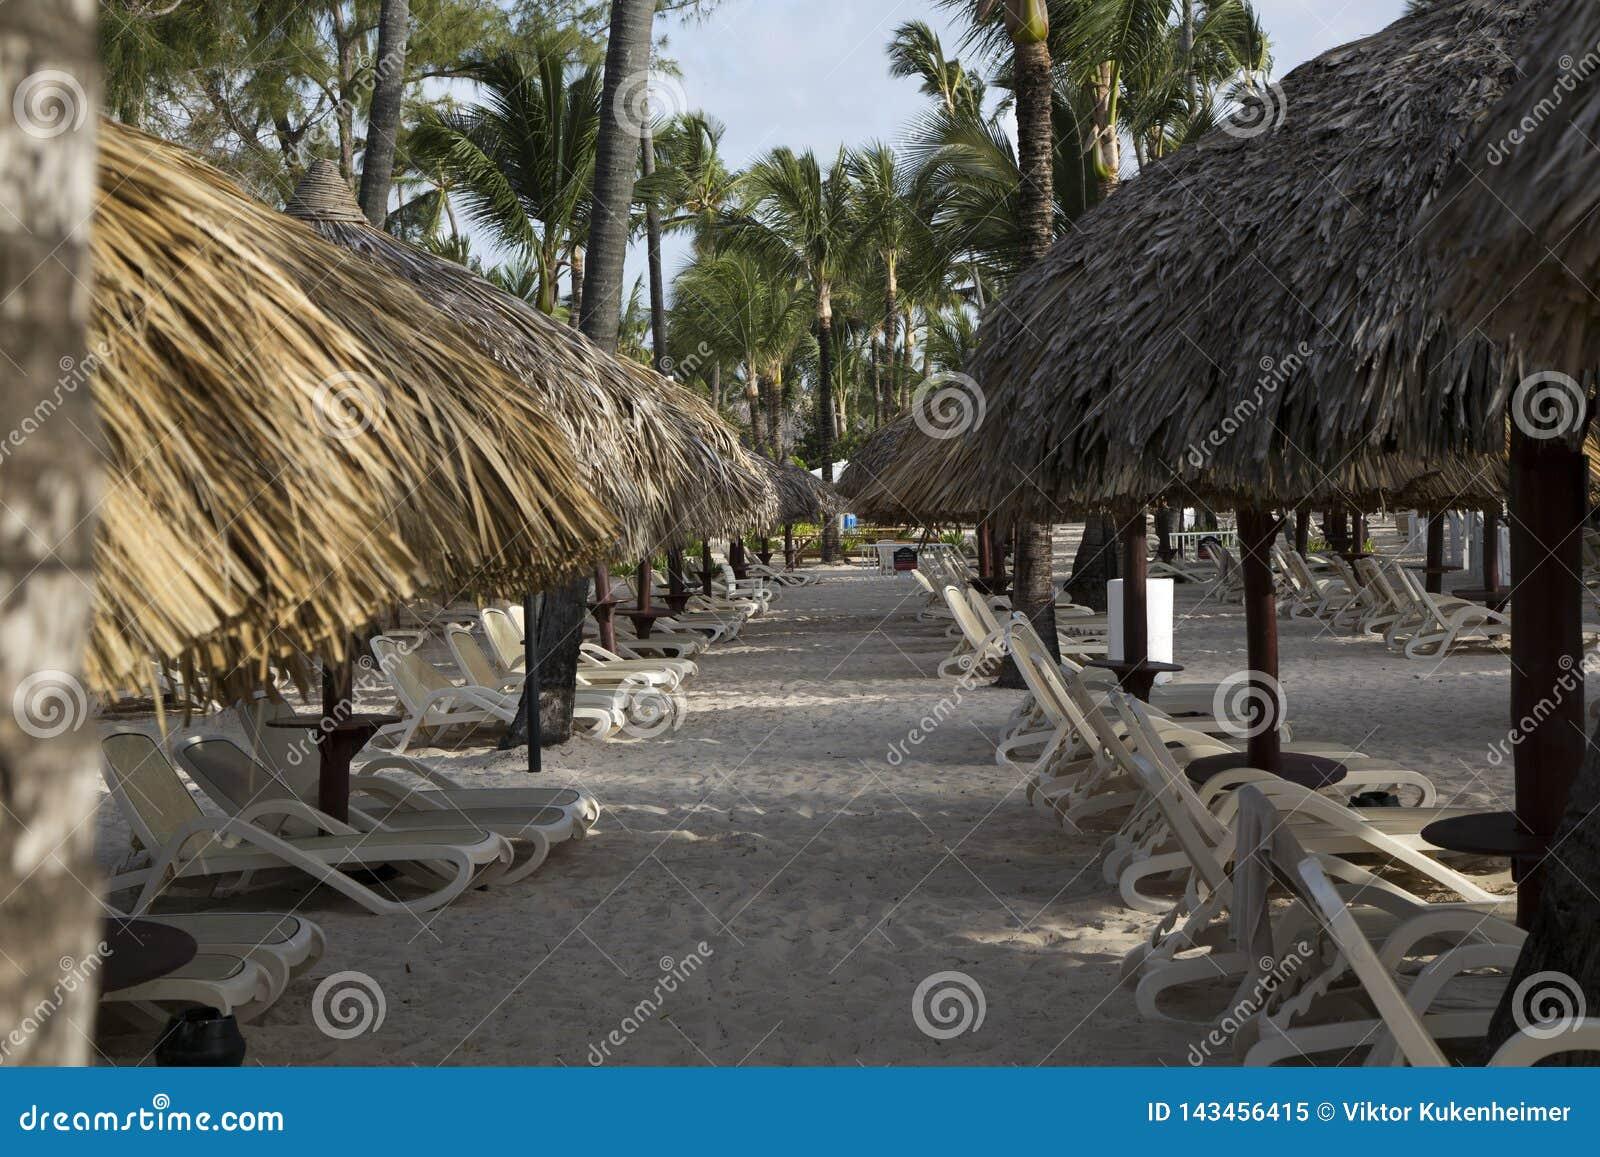 Каникулы морем в Доминиканской Республике